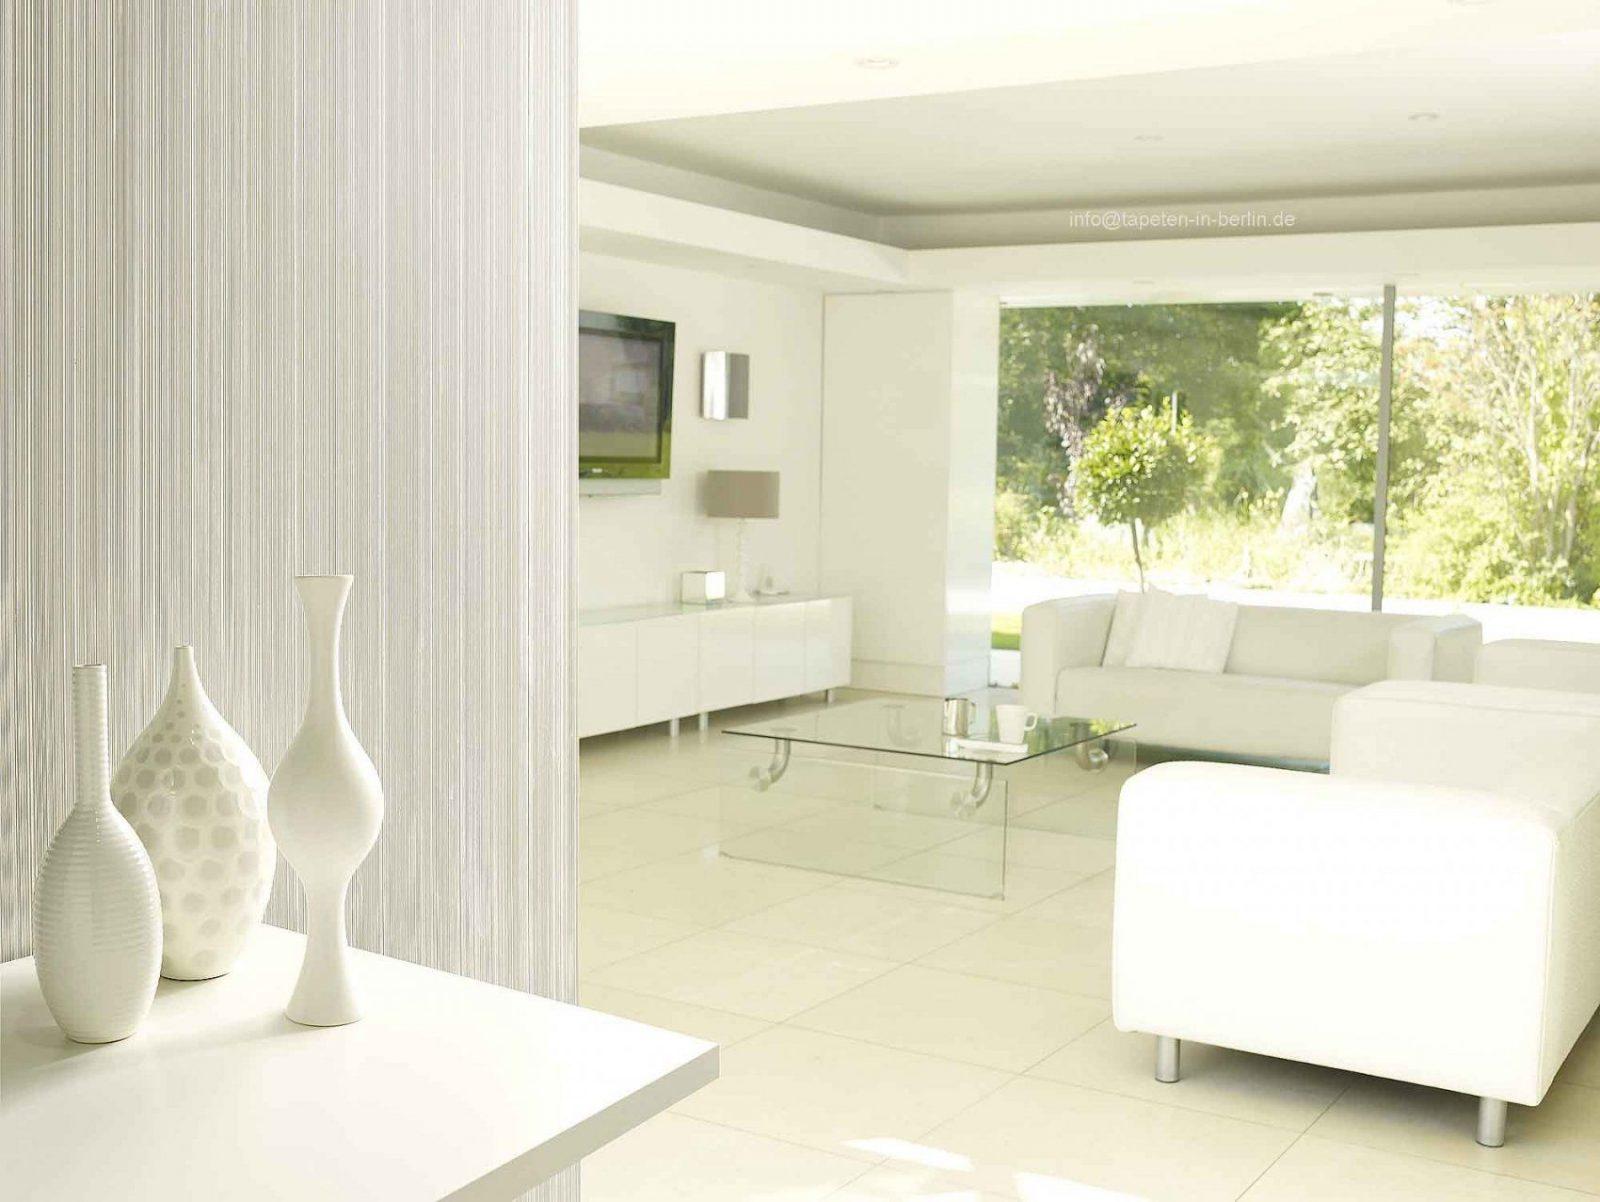 Nett Tapeten Wohnzimmer Ideen Zum Dekorieren Schlafzimmer